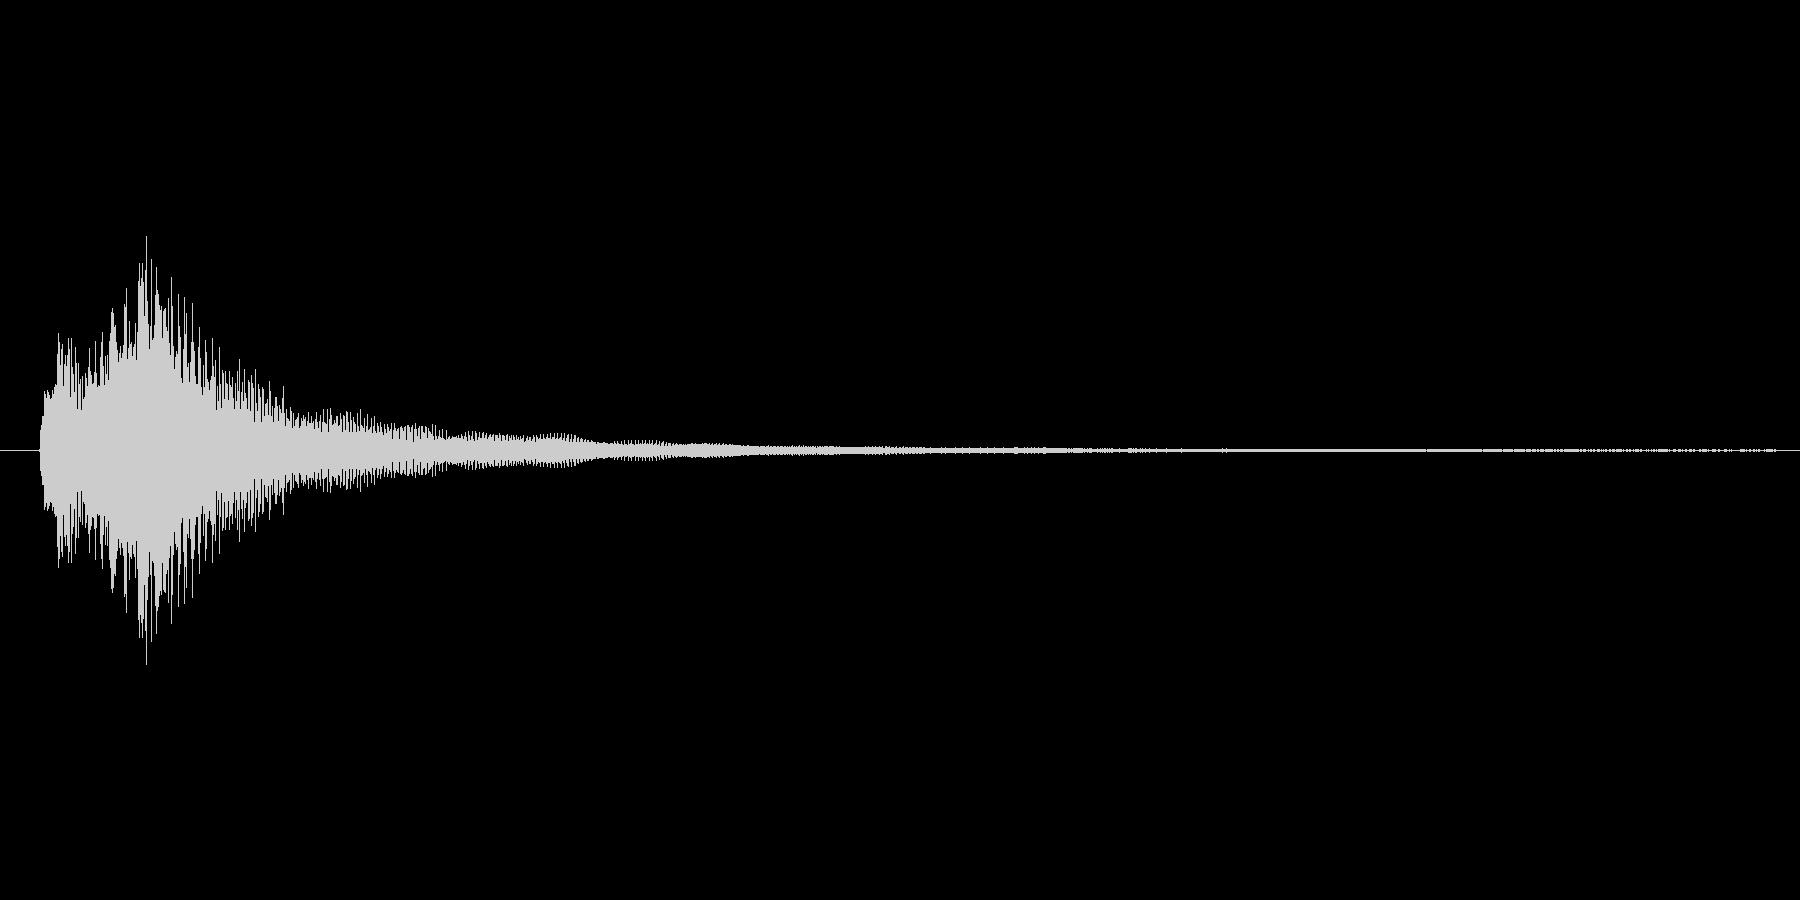 ジャララン ジャラン フラメンコの未再生の波形